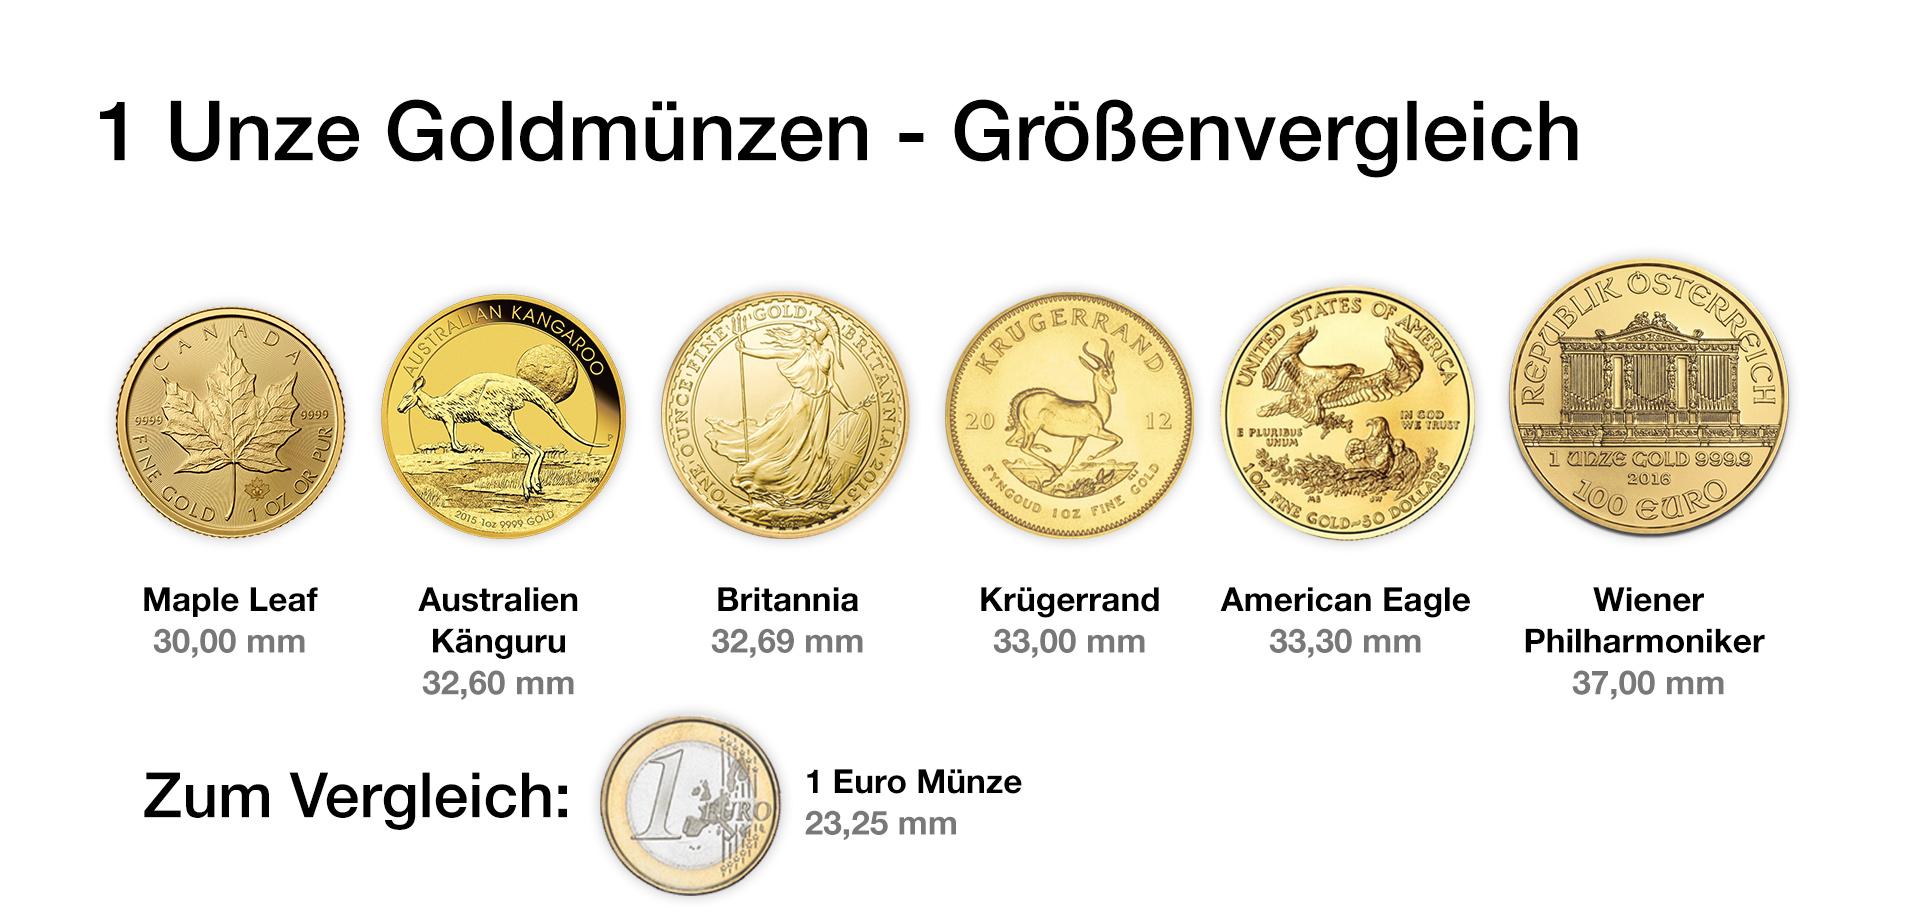 Charmant Einzelne Münze Anzeigerahmen Zeitgenössisch - Rahmen Ideen ...